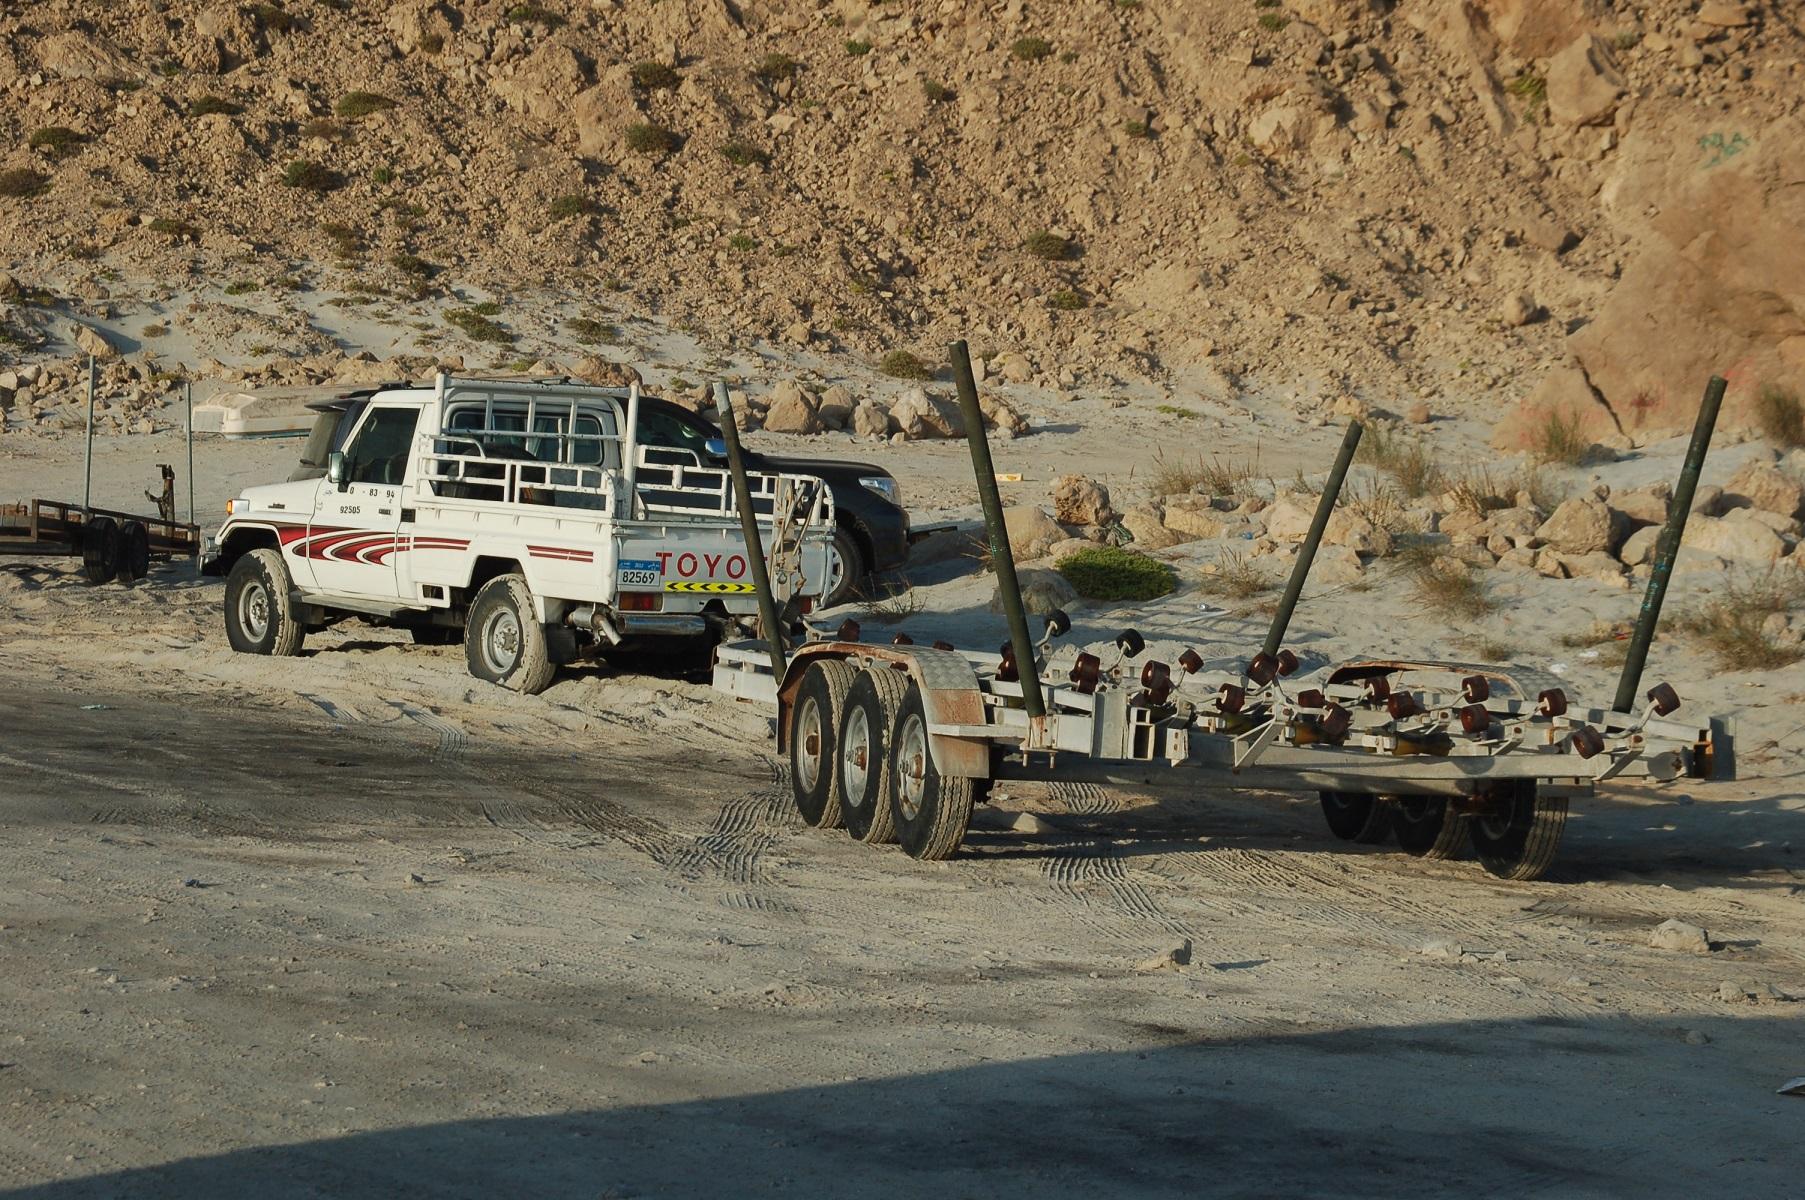 Oman Die Land Cruiser sind reine Nutzfahrzeuge, sie ziehen die Boote und Netze an Land oder hängen vor beeindruckenden Trailern.